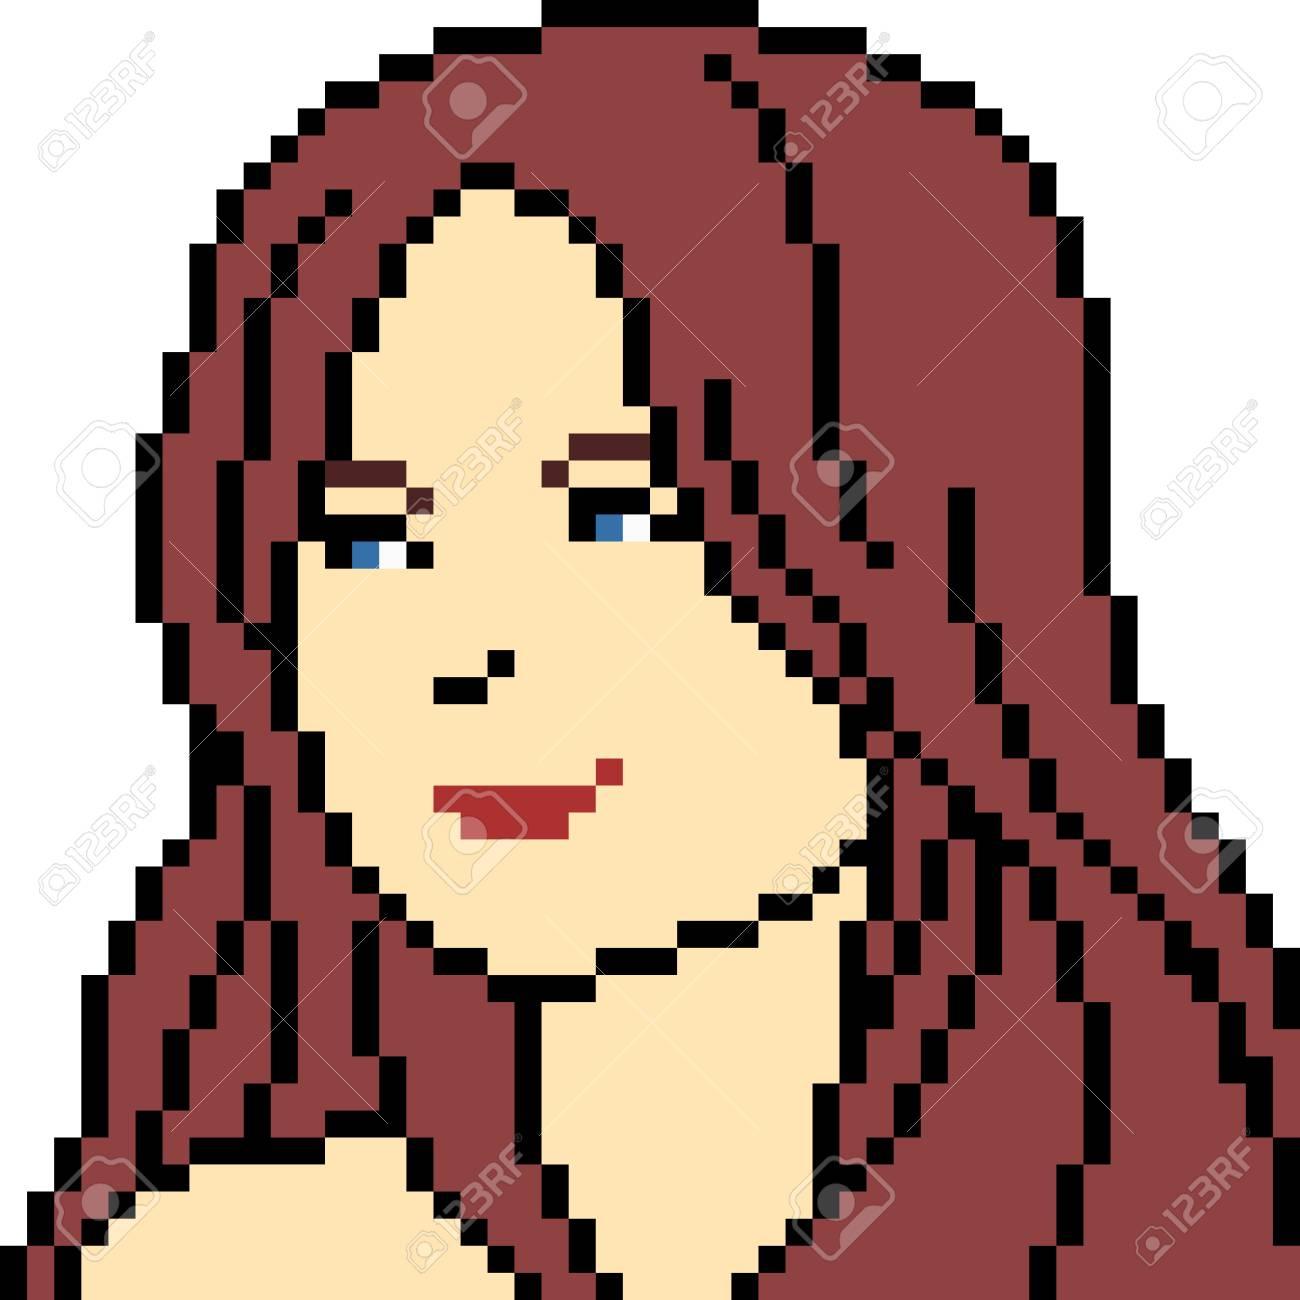 Vector Pixel Art Woman Portrait Isolated dedans Pixel Art Facile Fille